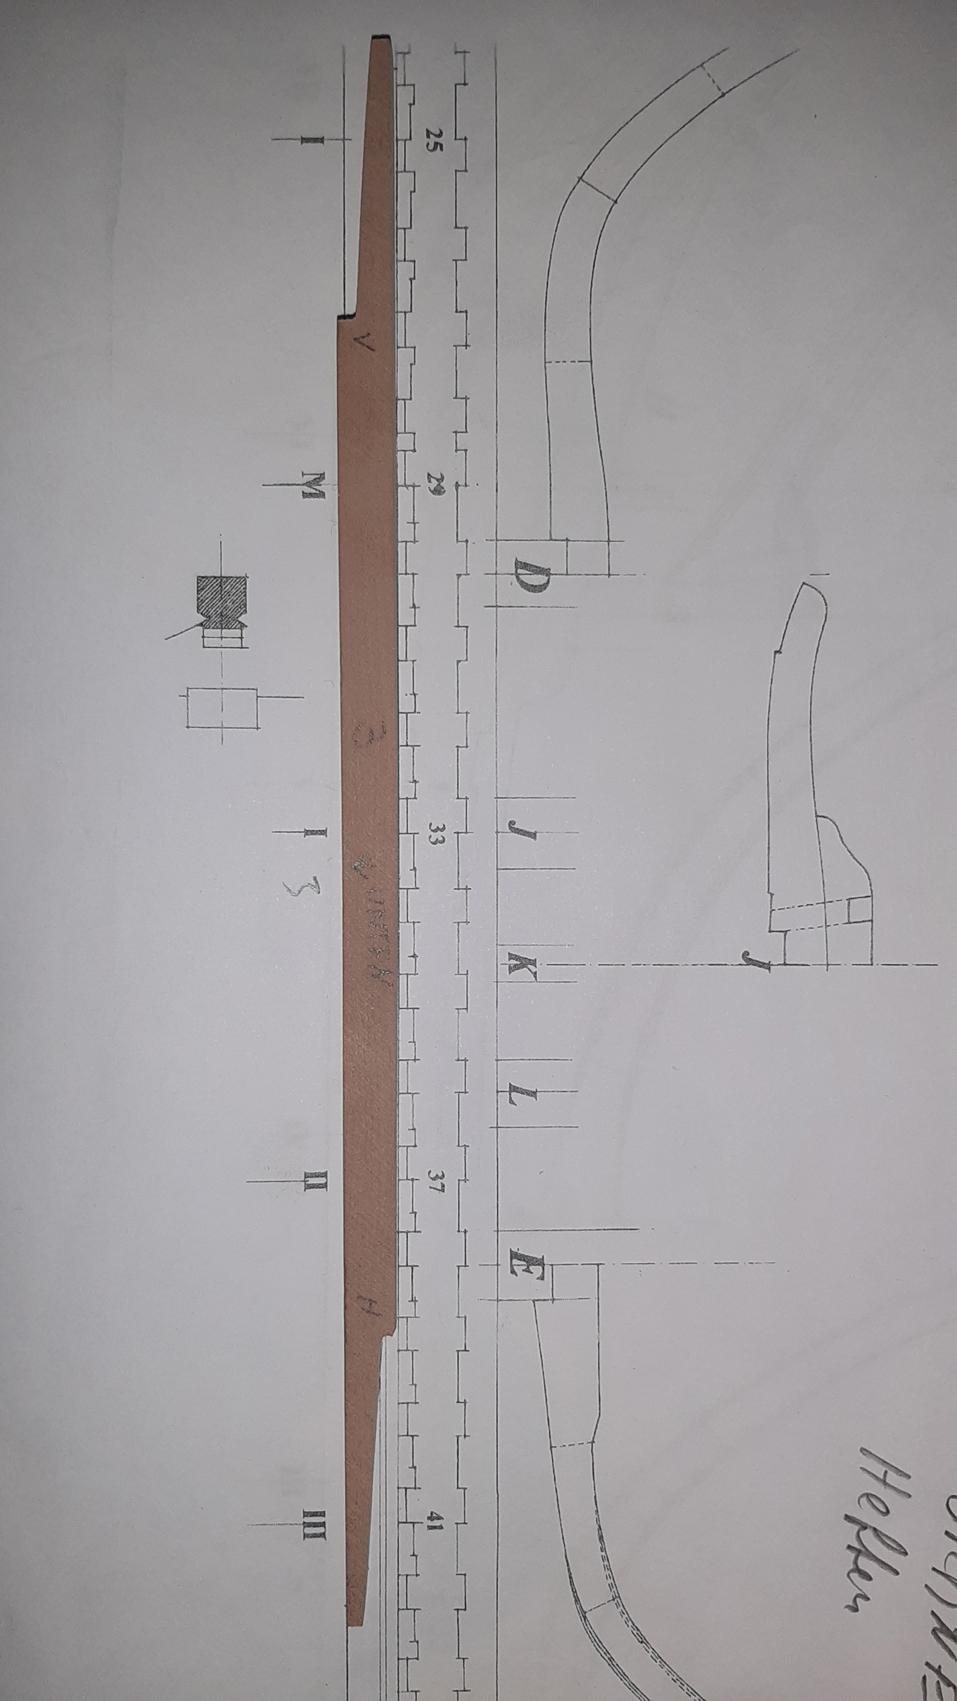 Bonhomme Richard 1779, échelle 1/60 par mtbbiker 20200123